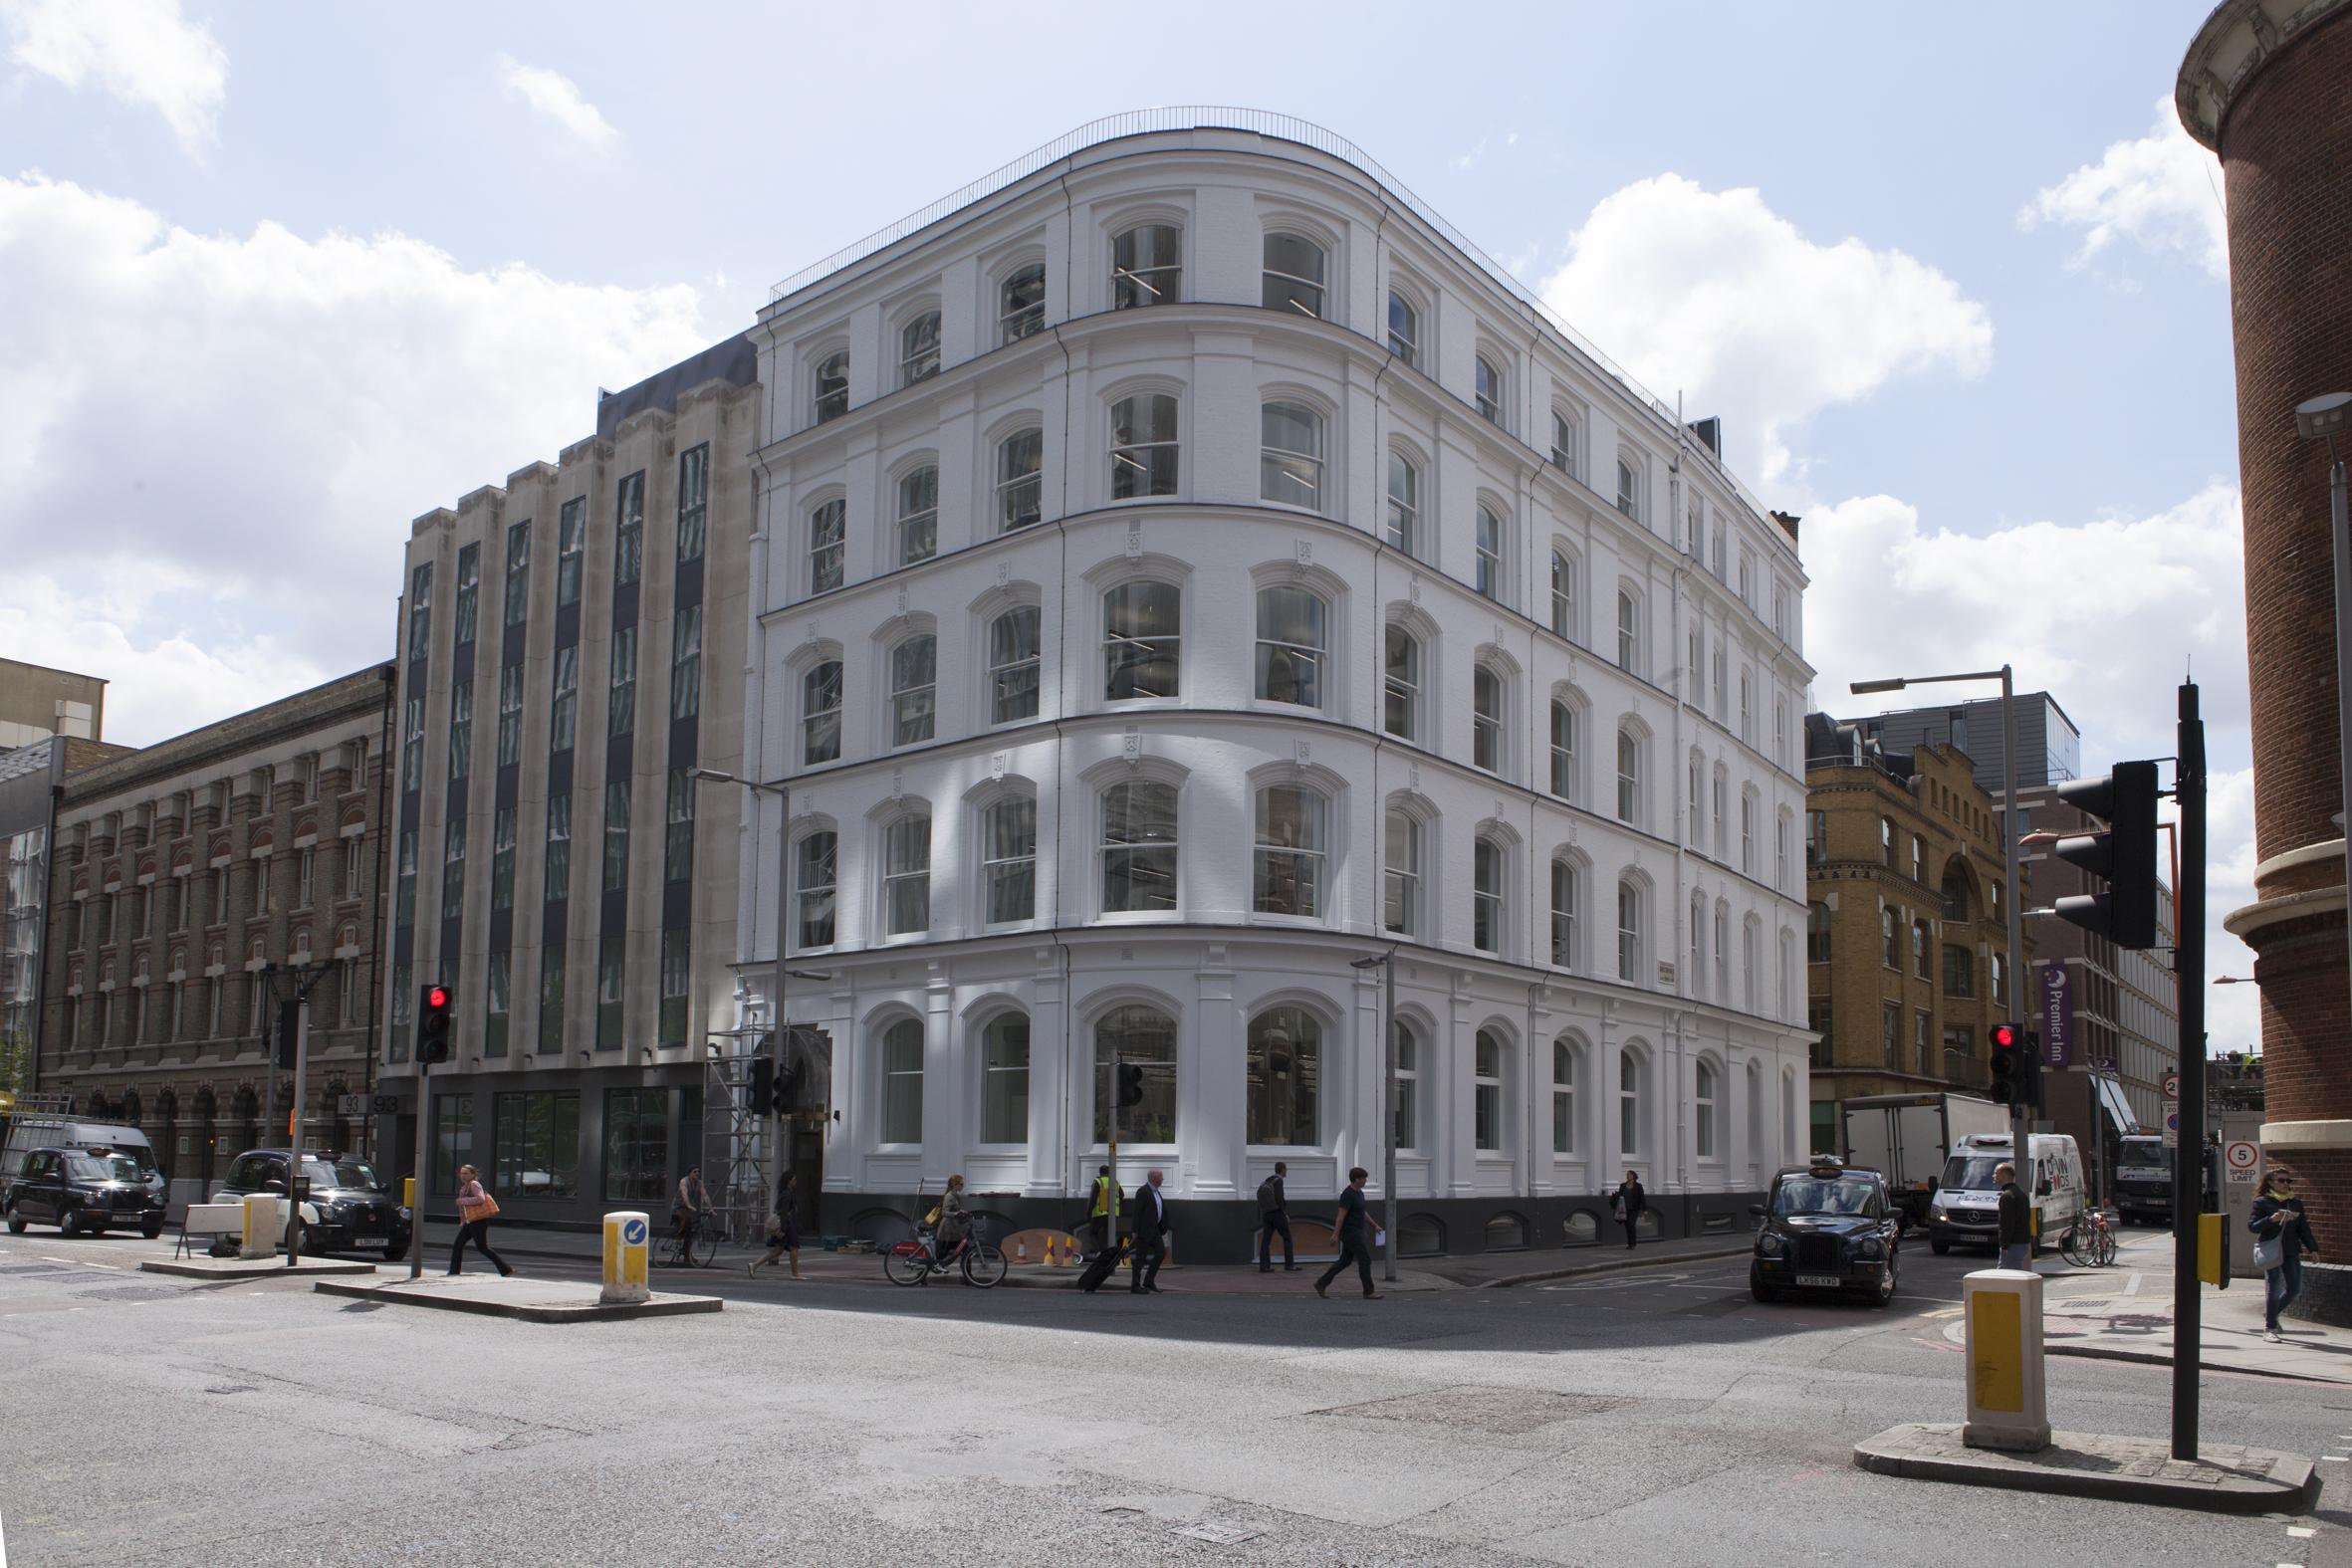 Southwark Street